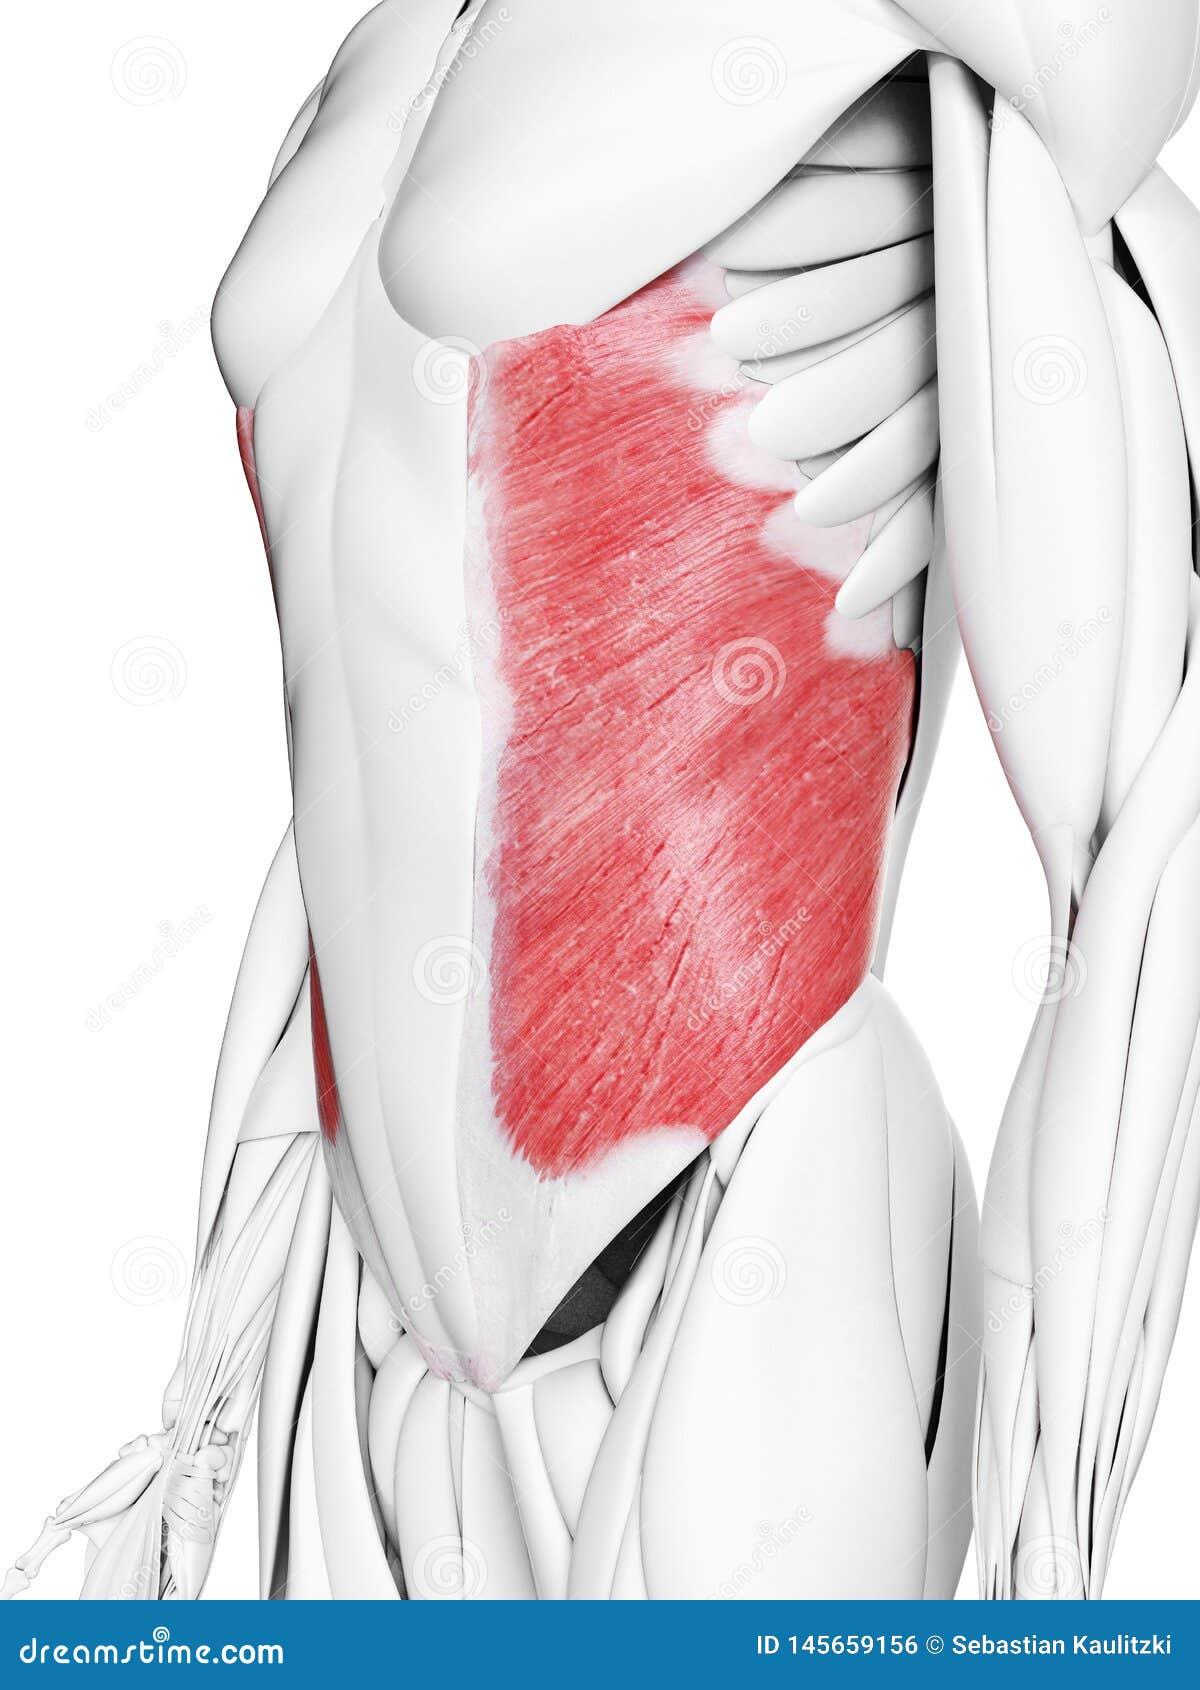 Il muscolo obliquo esterno